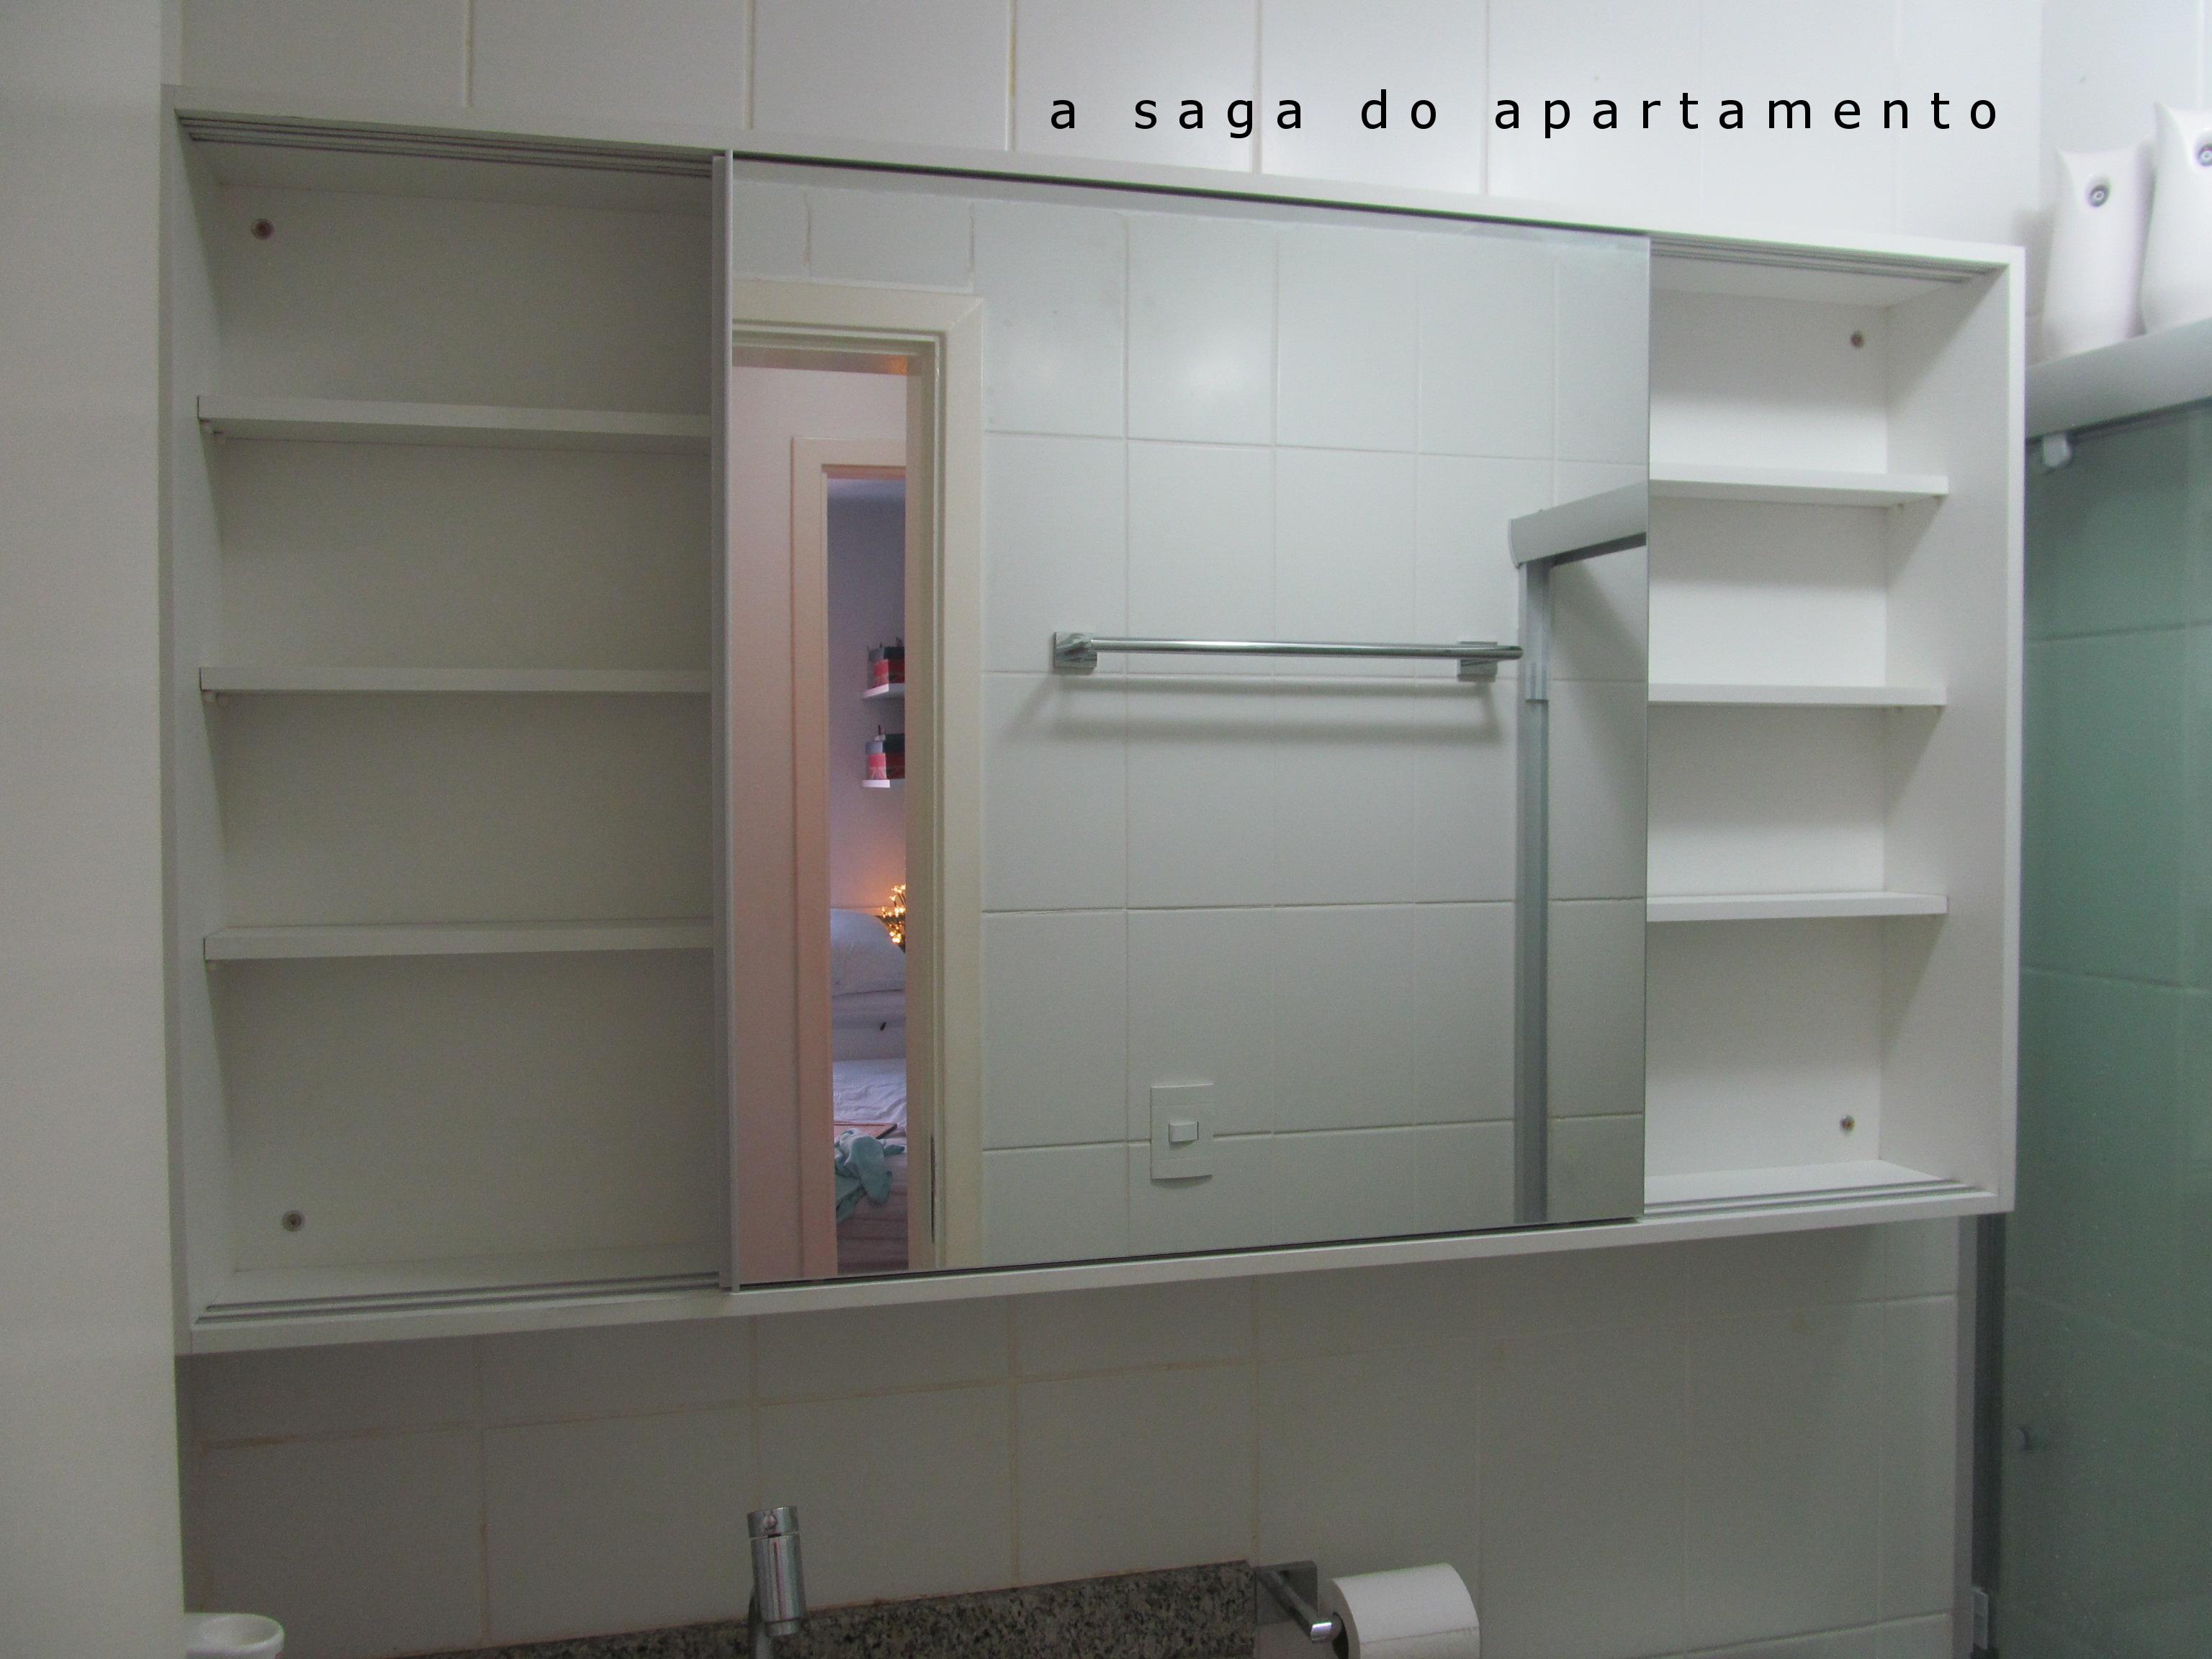 armário banheiro  a saga do apartamento -> Armario De Banheiro Com Chave